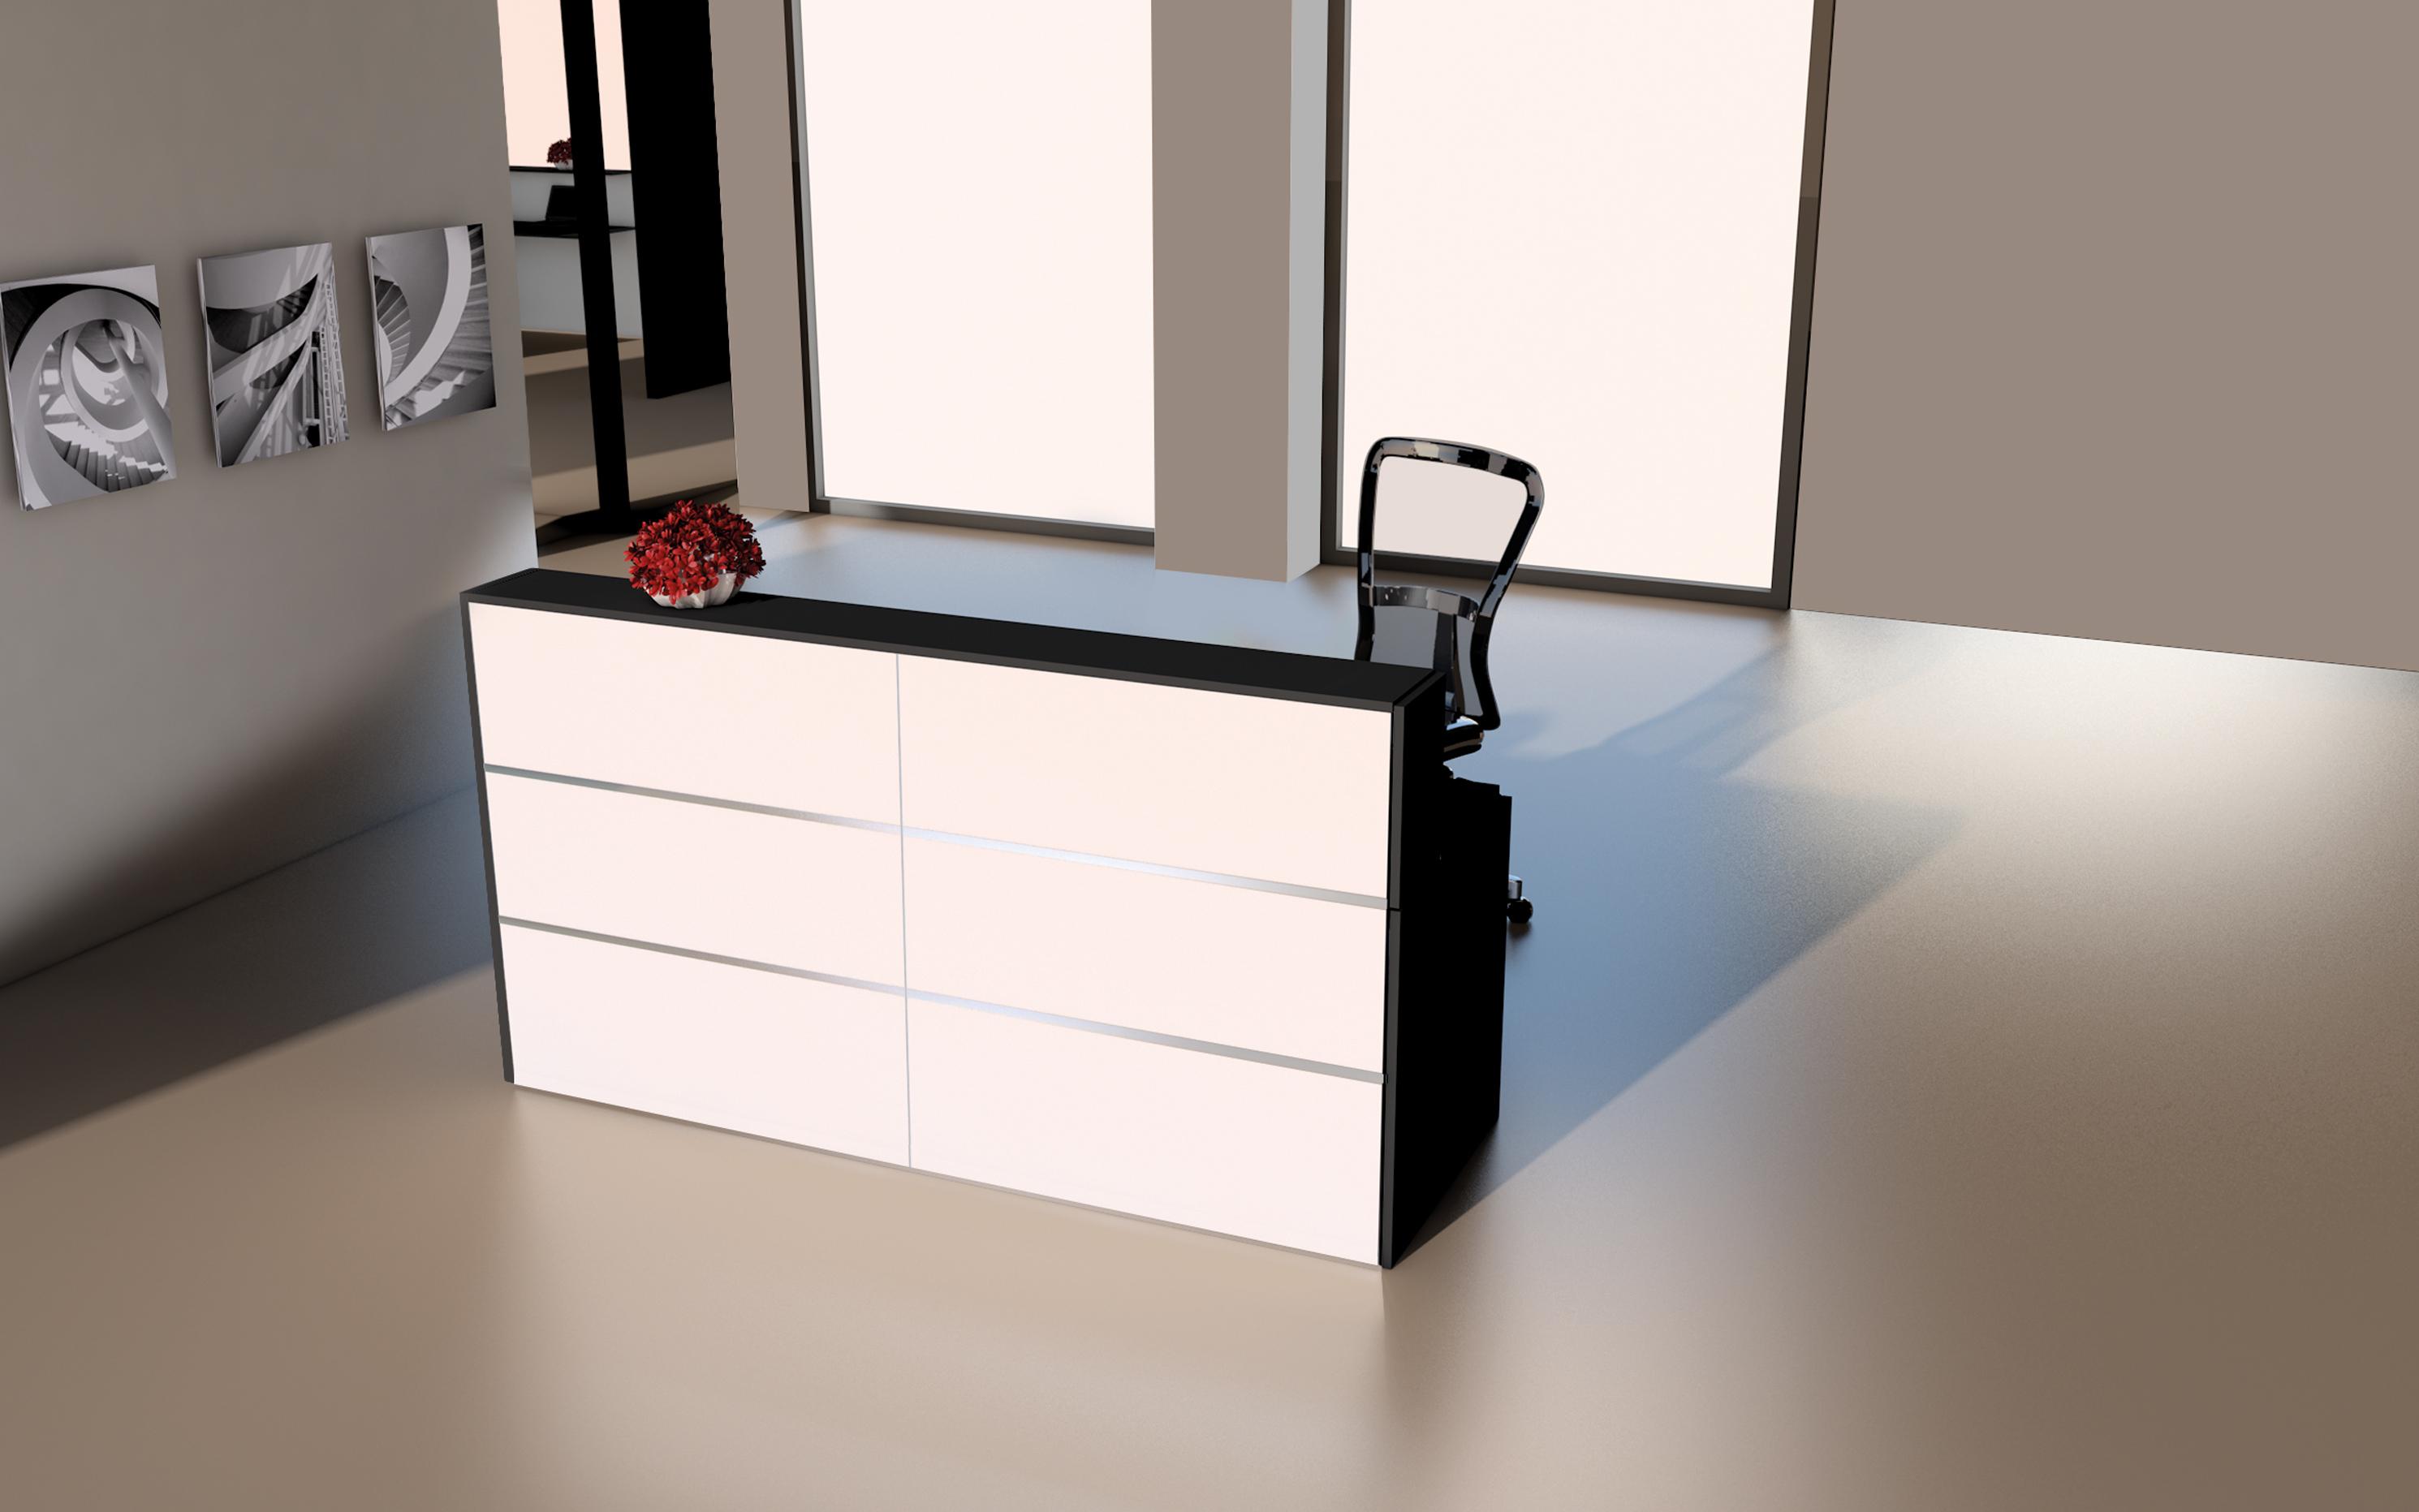 Büromöbel preiswert und schnell - Kerkmann CENTO Variante 3